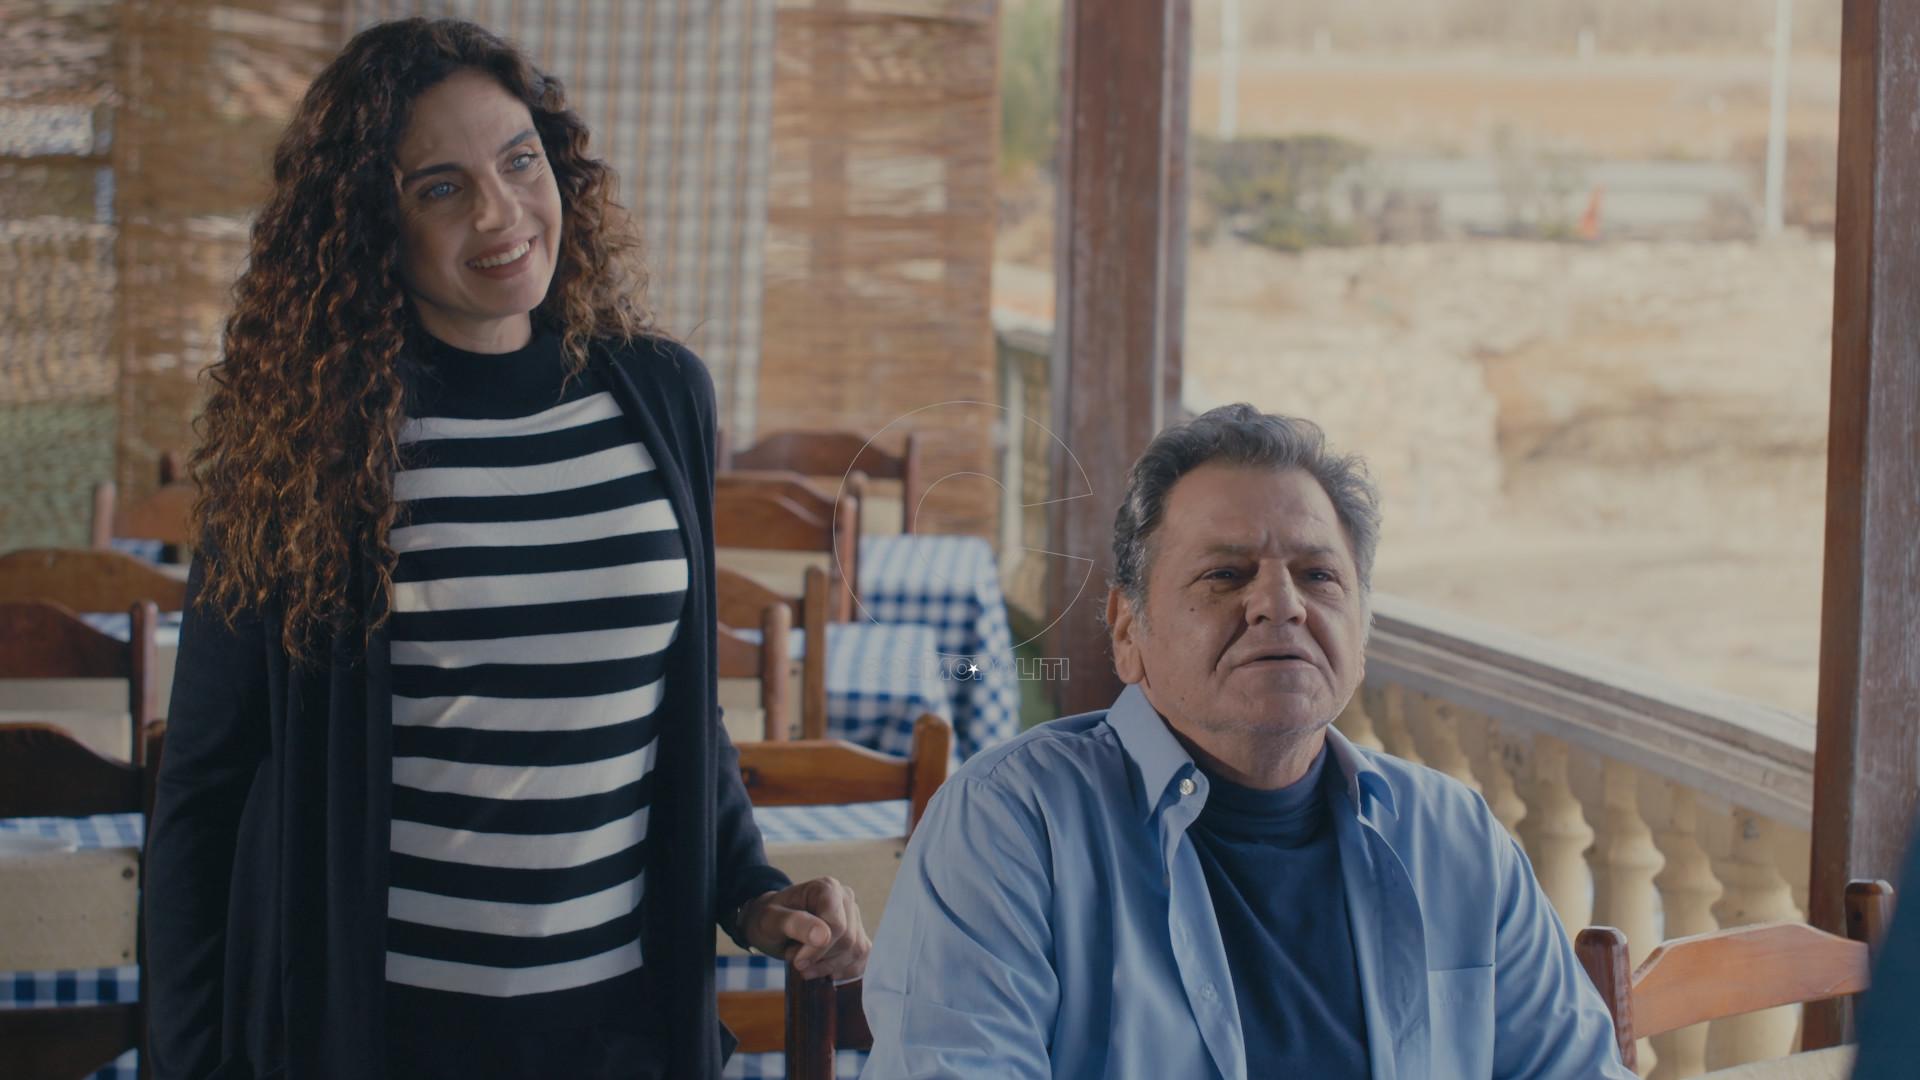 Ελίνα Ακριτίδου, Γιώργος Παρτσαλάκης